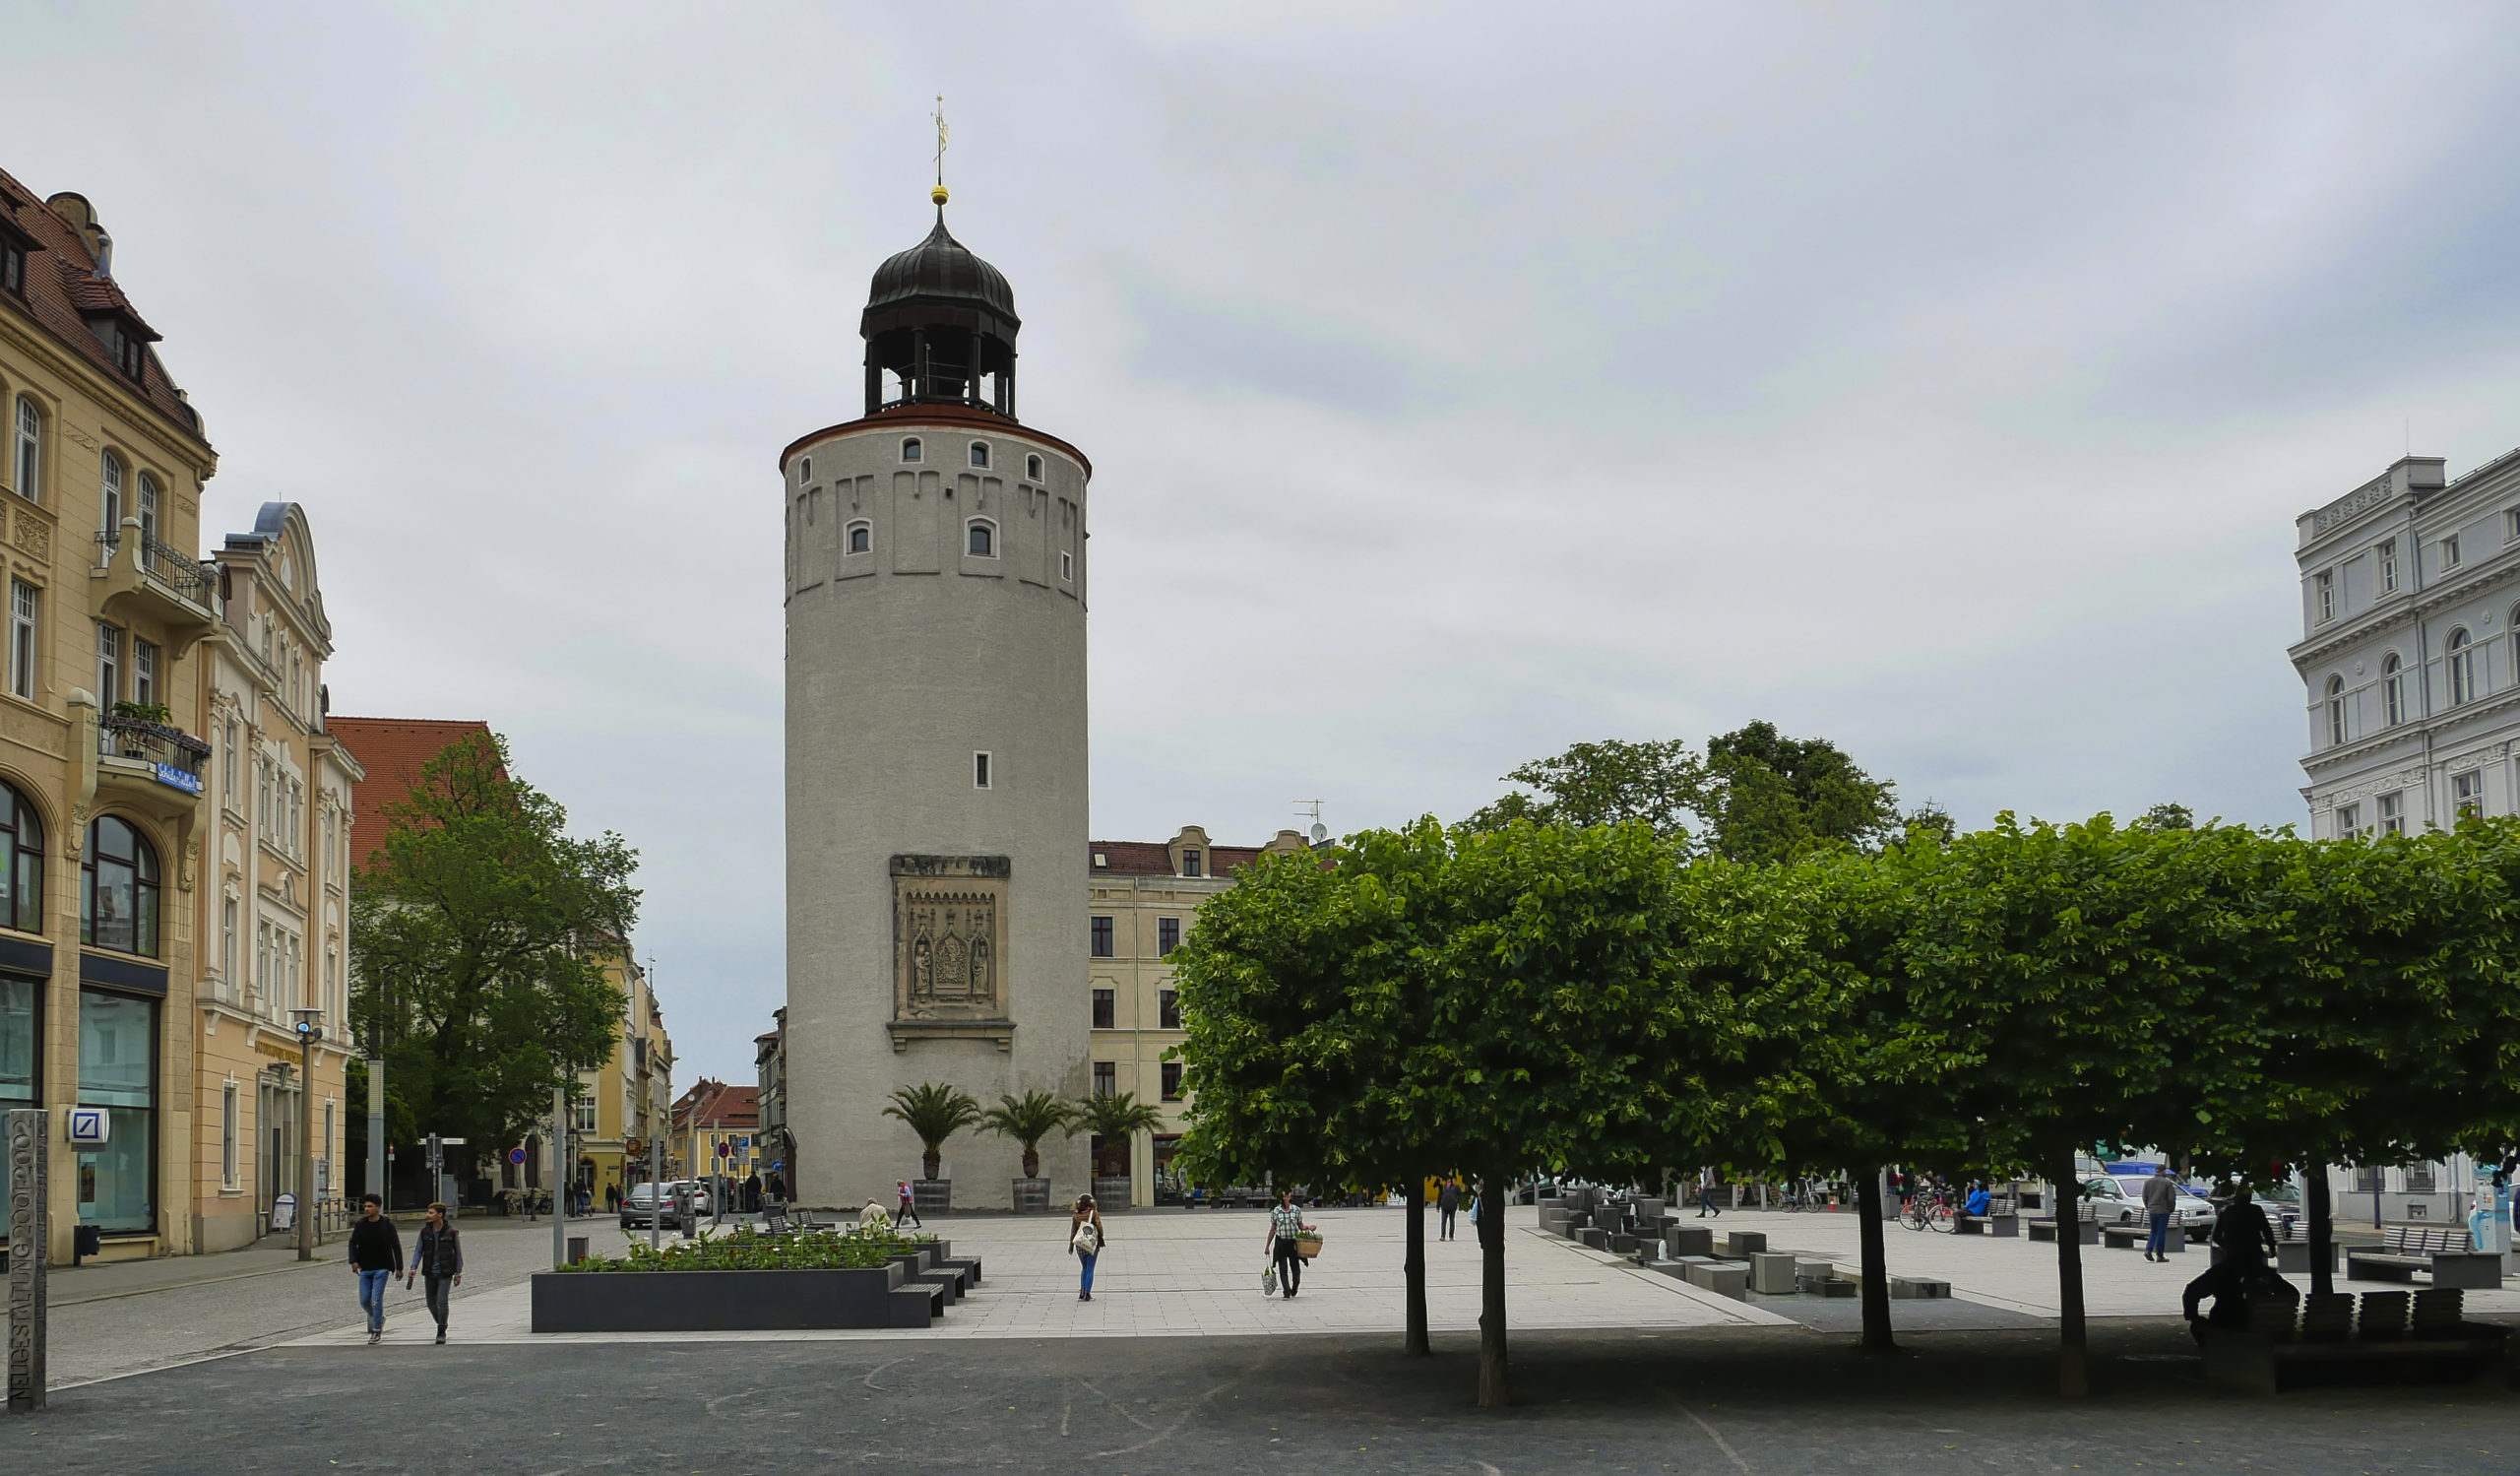 Wasserspiele Marienplatz Goerlitz scaled